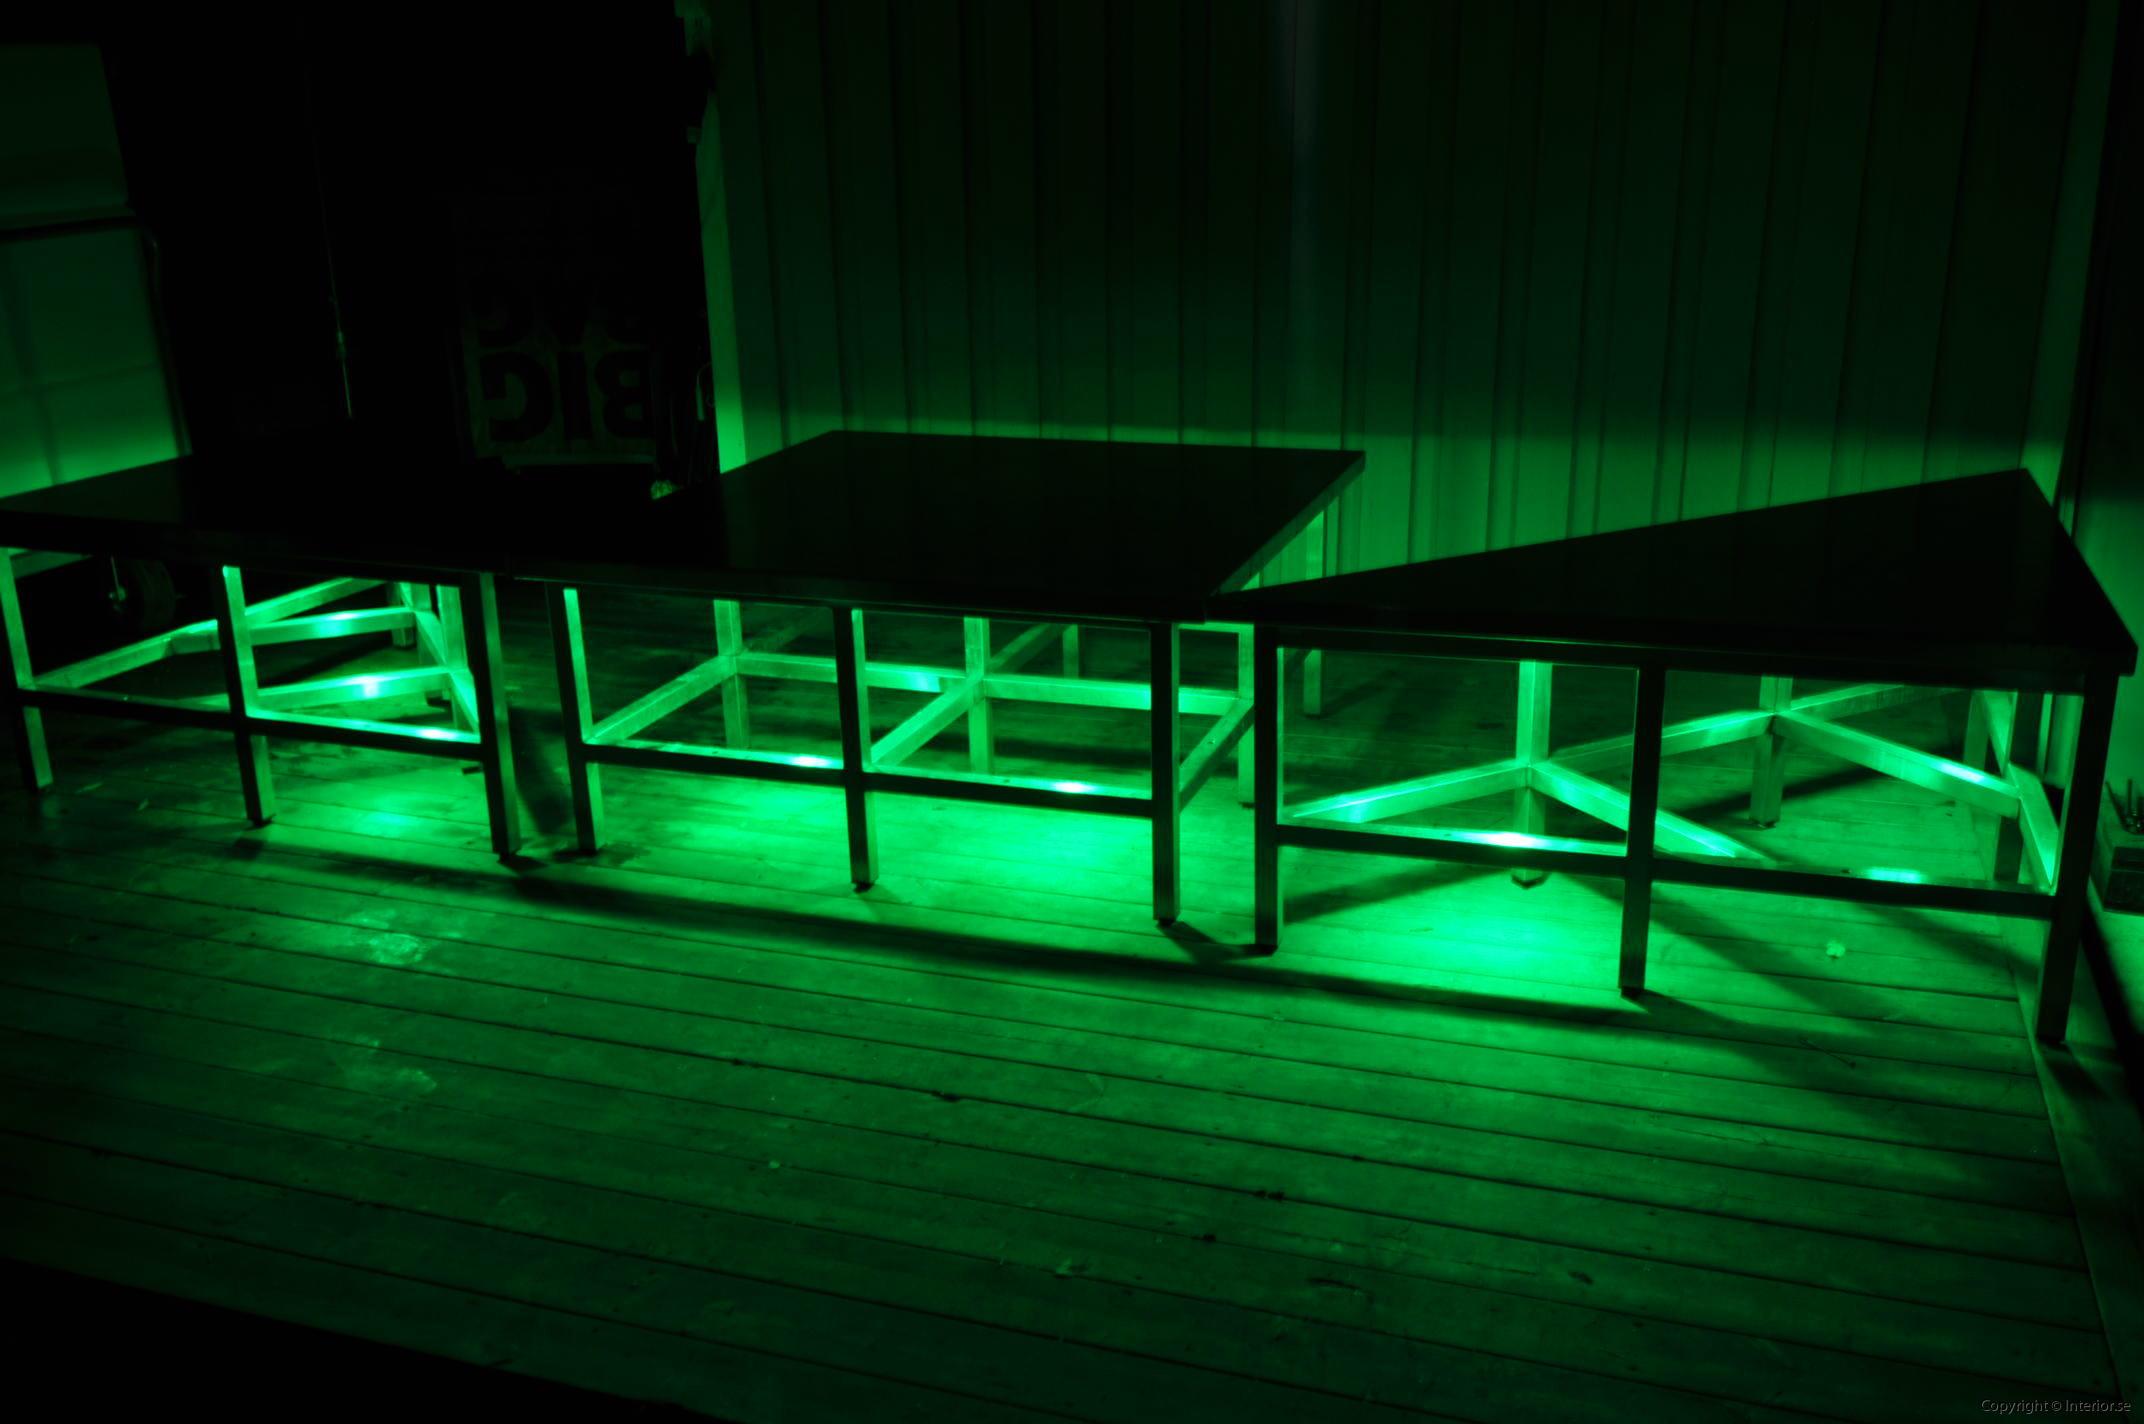 hyra scen podier podium rostfri dansscen hyr stockholm event möbler inredning (15)